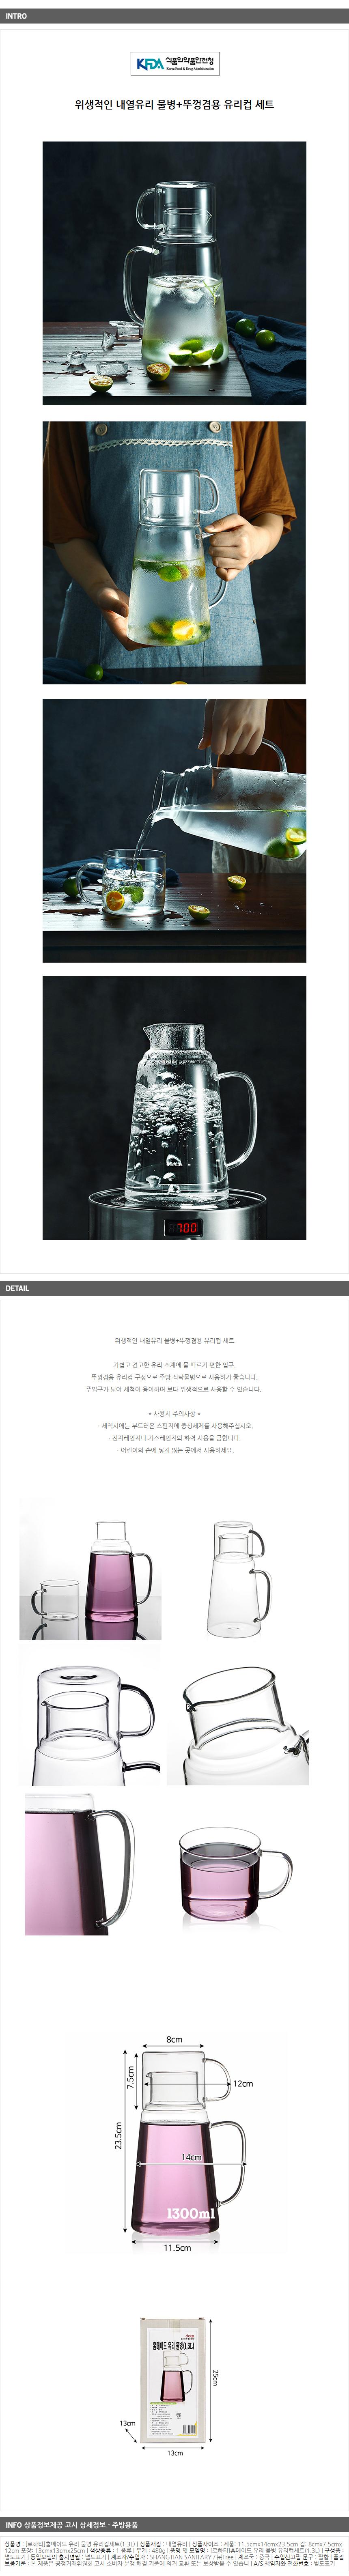 [로하티]홈메이드 유리물병 유리컵세트/식탁물병 - 기프트갓, 16,600원, 보틀/텀블러, 키친 물병